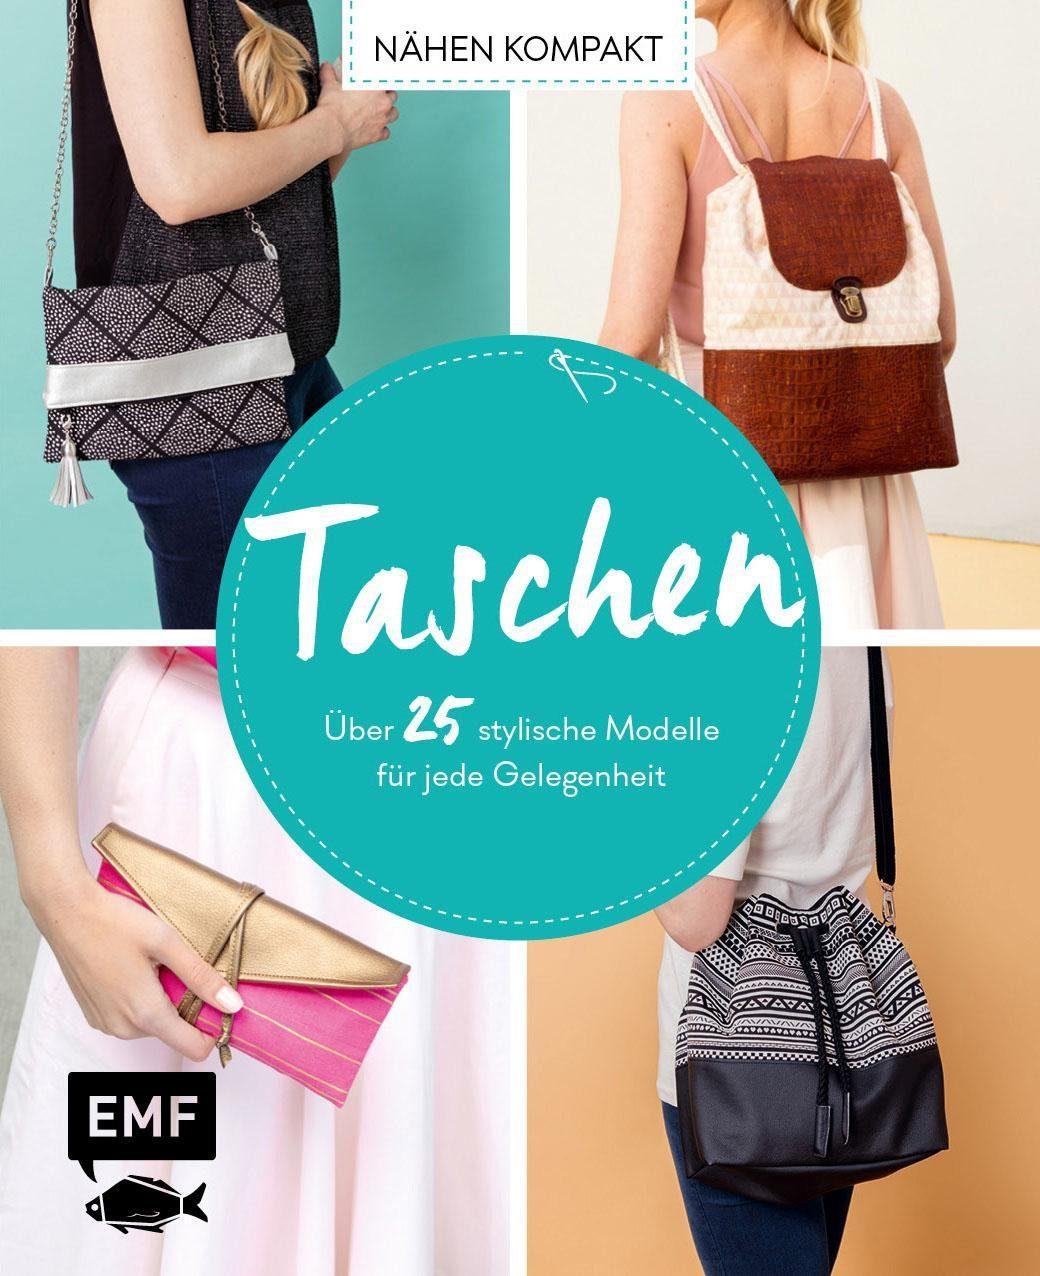 """EMF Buch """"Taschen"""" 96 Seiten"""